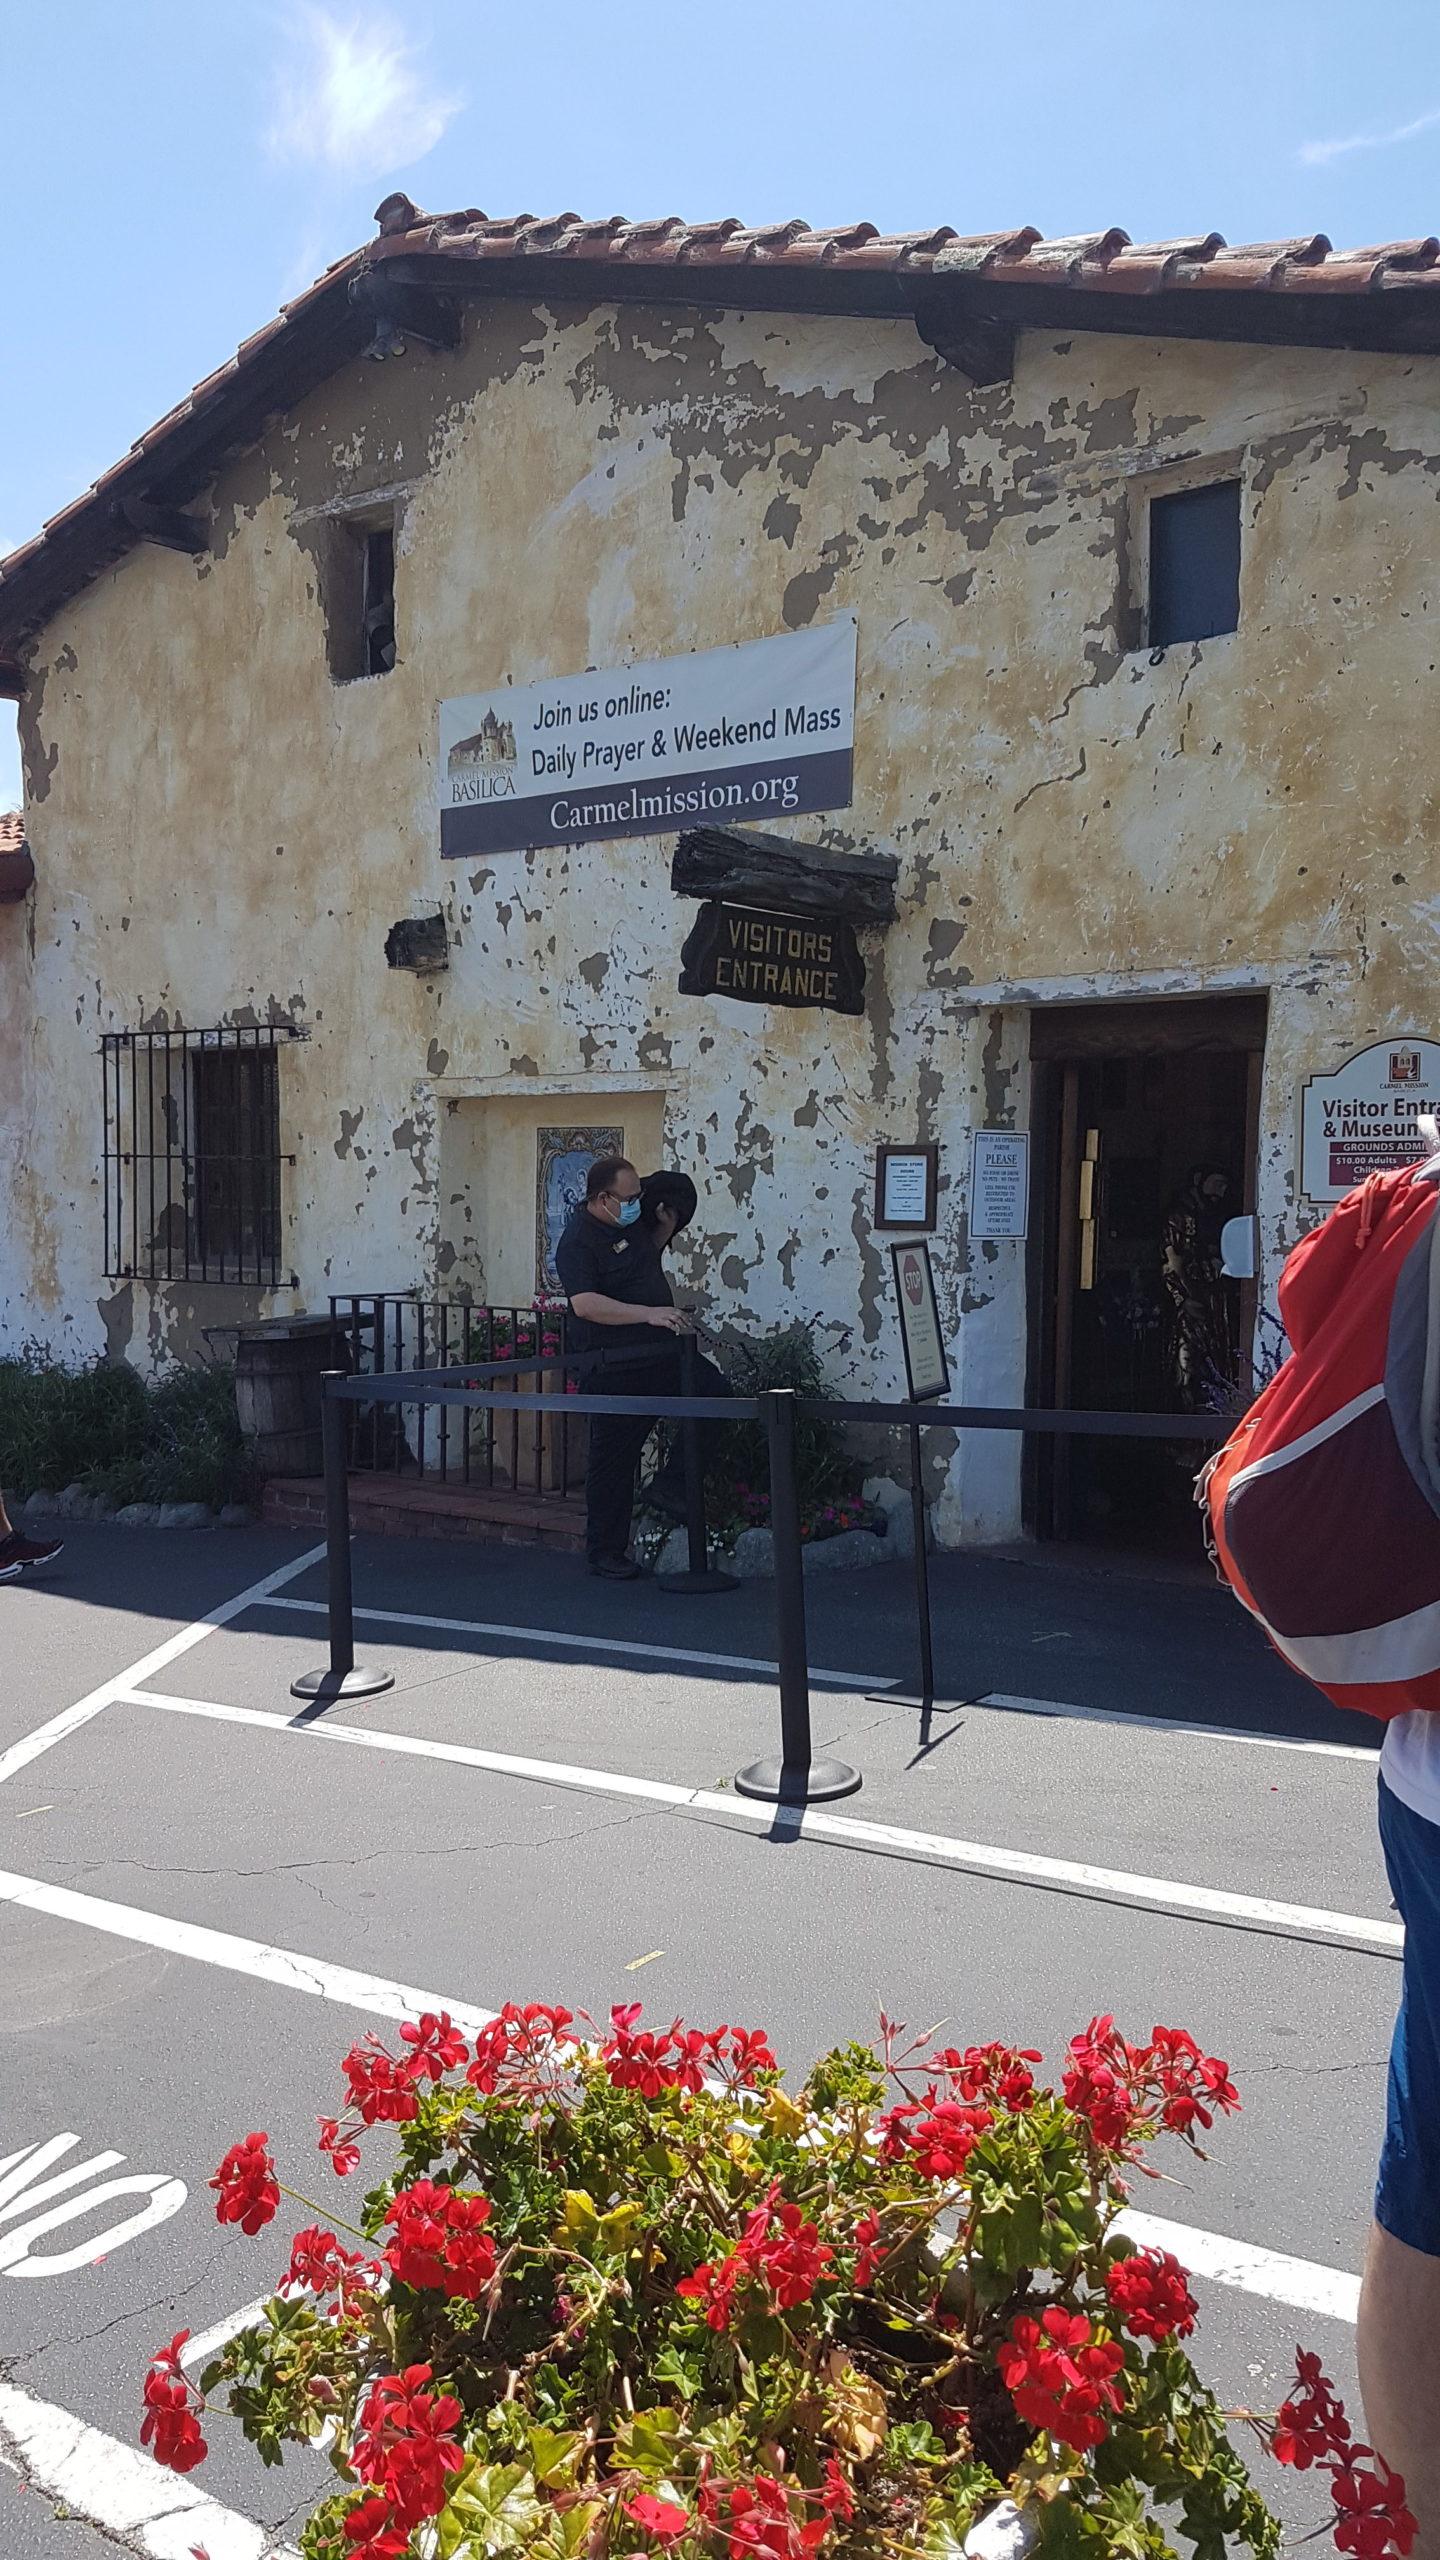 Entrée de la boutique du musée, les visiteurs sont comptés (covid).